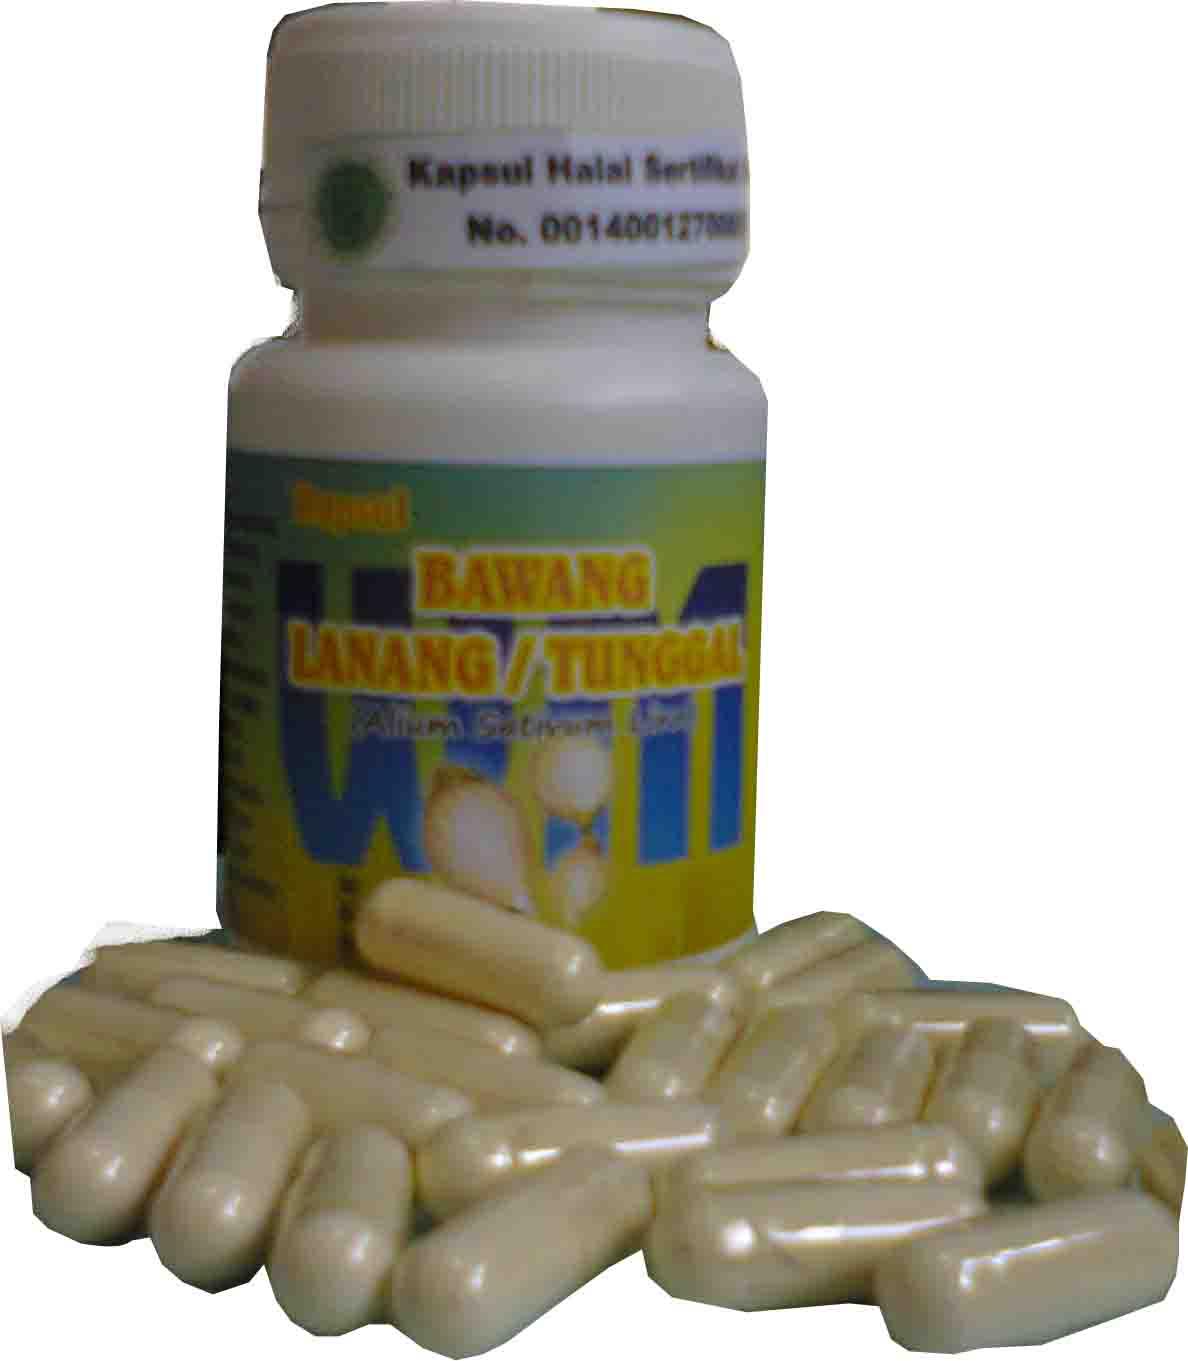 obat kuat kapsul bawang lanang